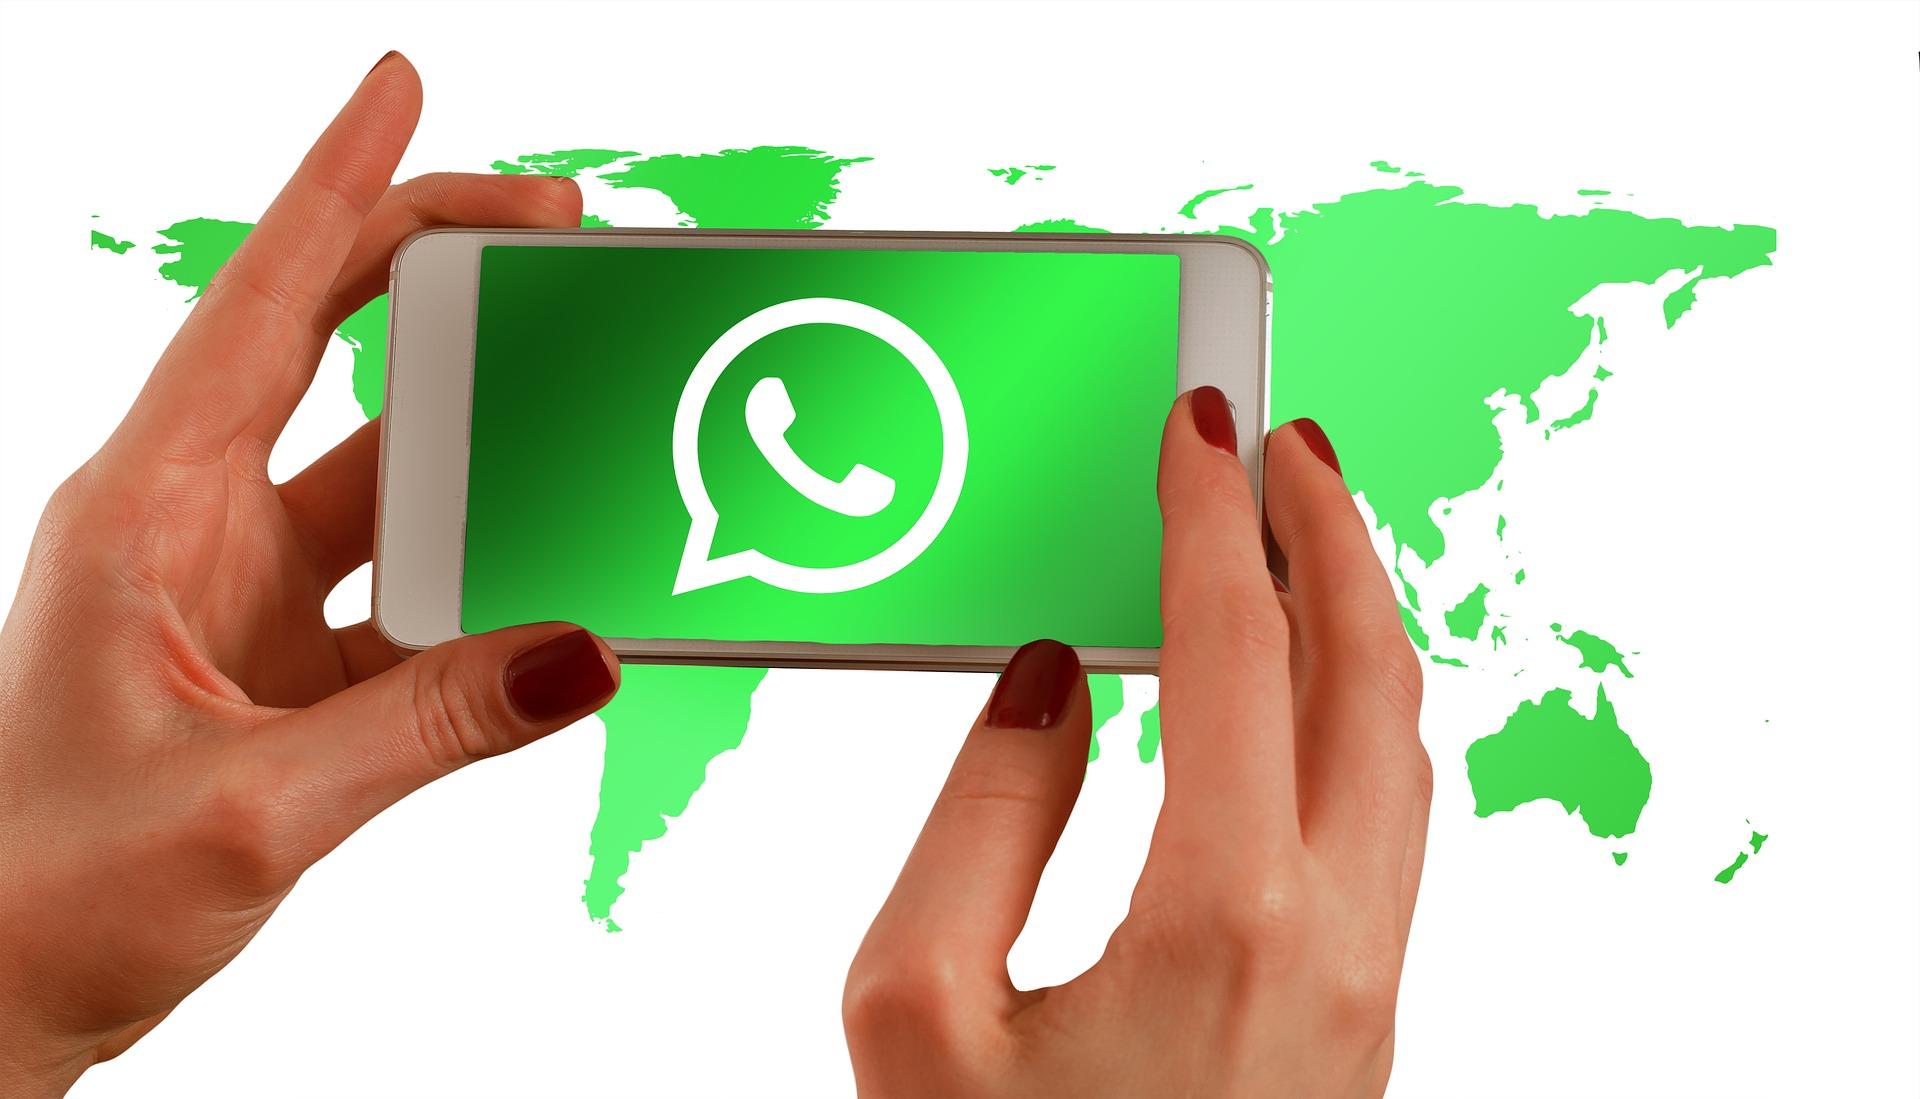 WhatsApp zorunlu güncellemeyle ilgili detaylı bilginin yer alacağı uyarı mesajı yayınlayacak